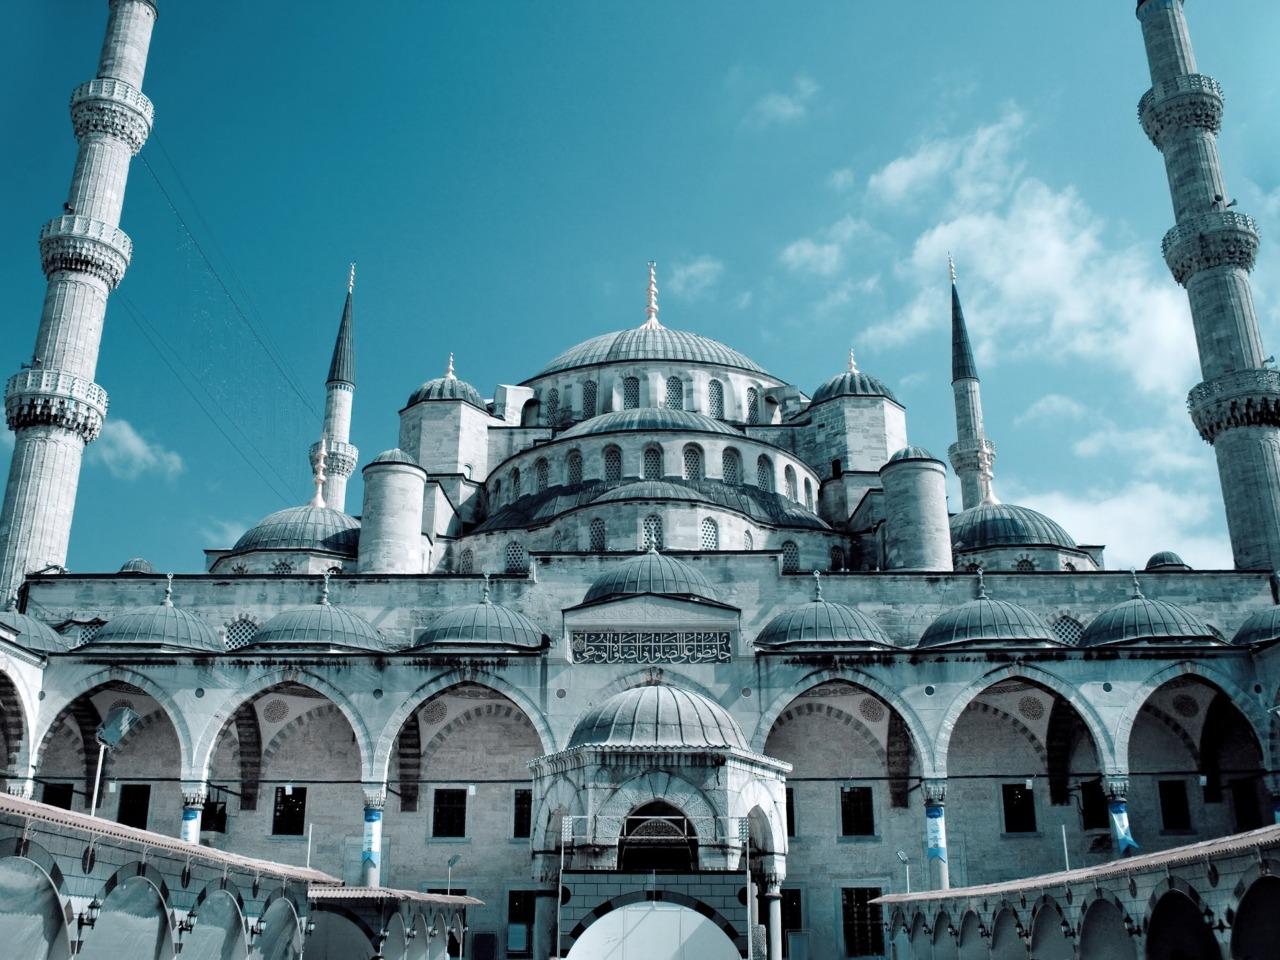 Стамбул классический(пешеходная экскурсия) - индивидуальная экскурсия в Стамбуле от опытного гида